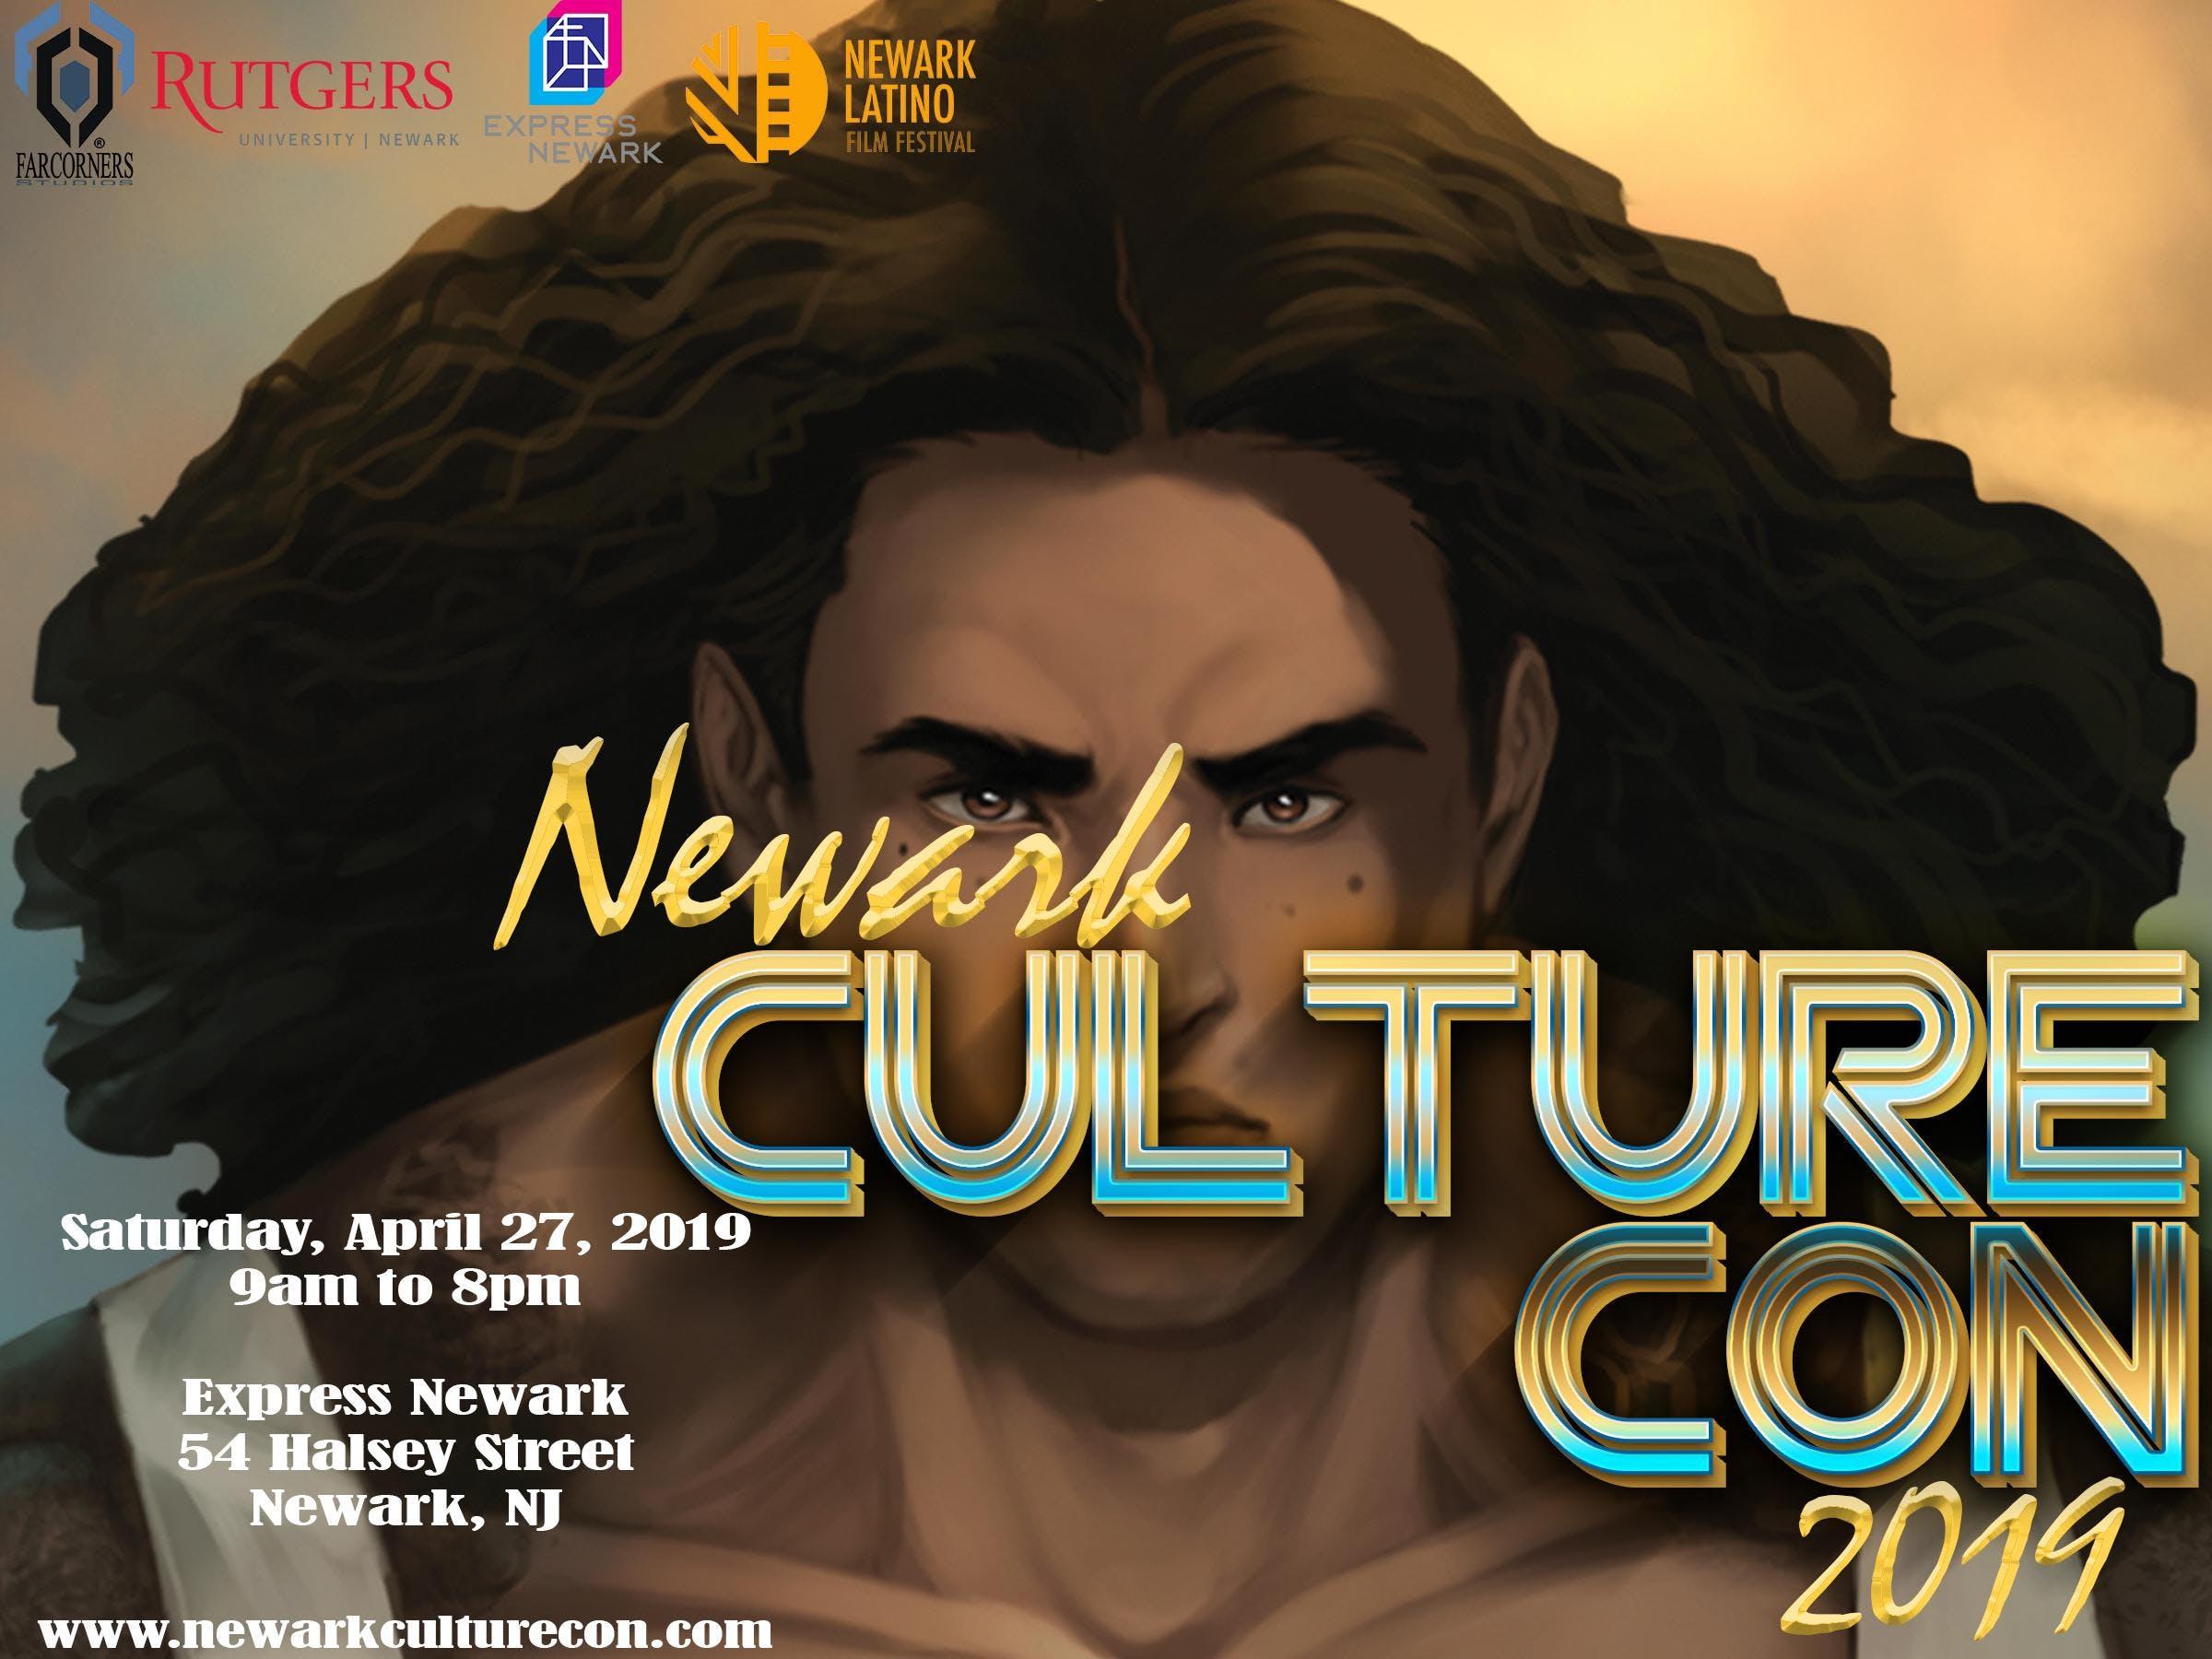 Newark Culture Con 2019